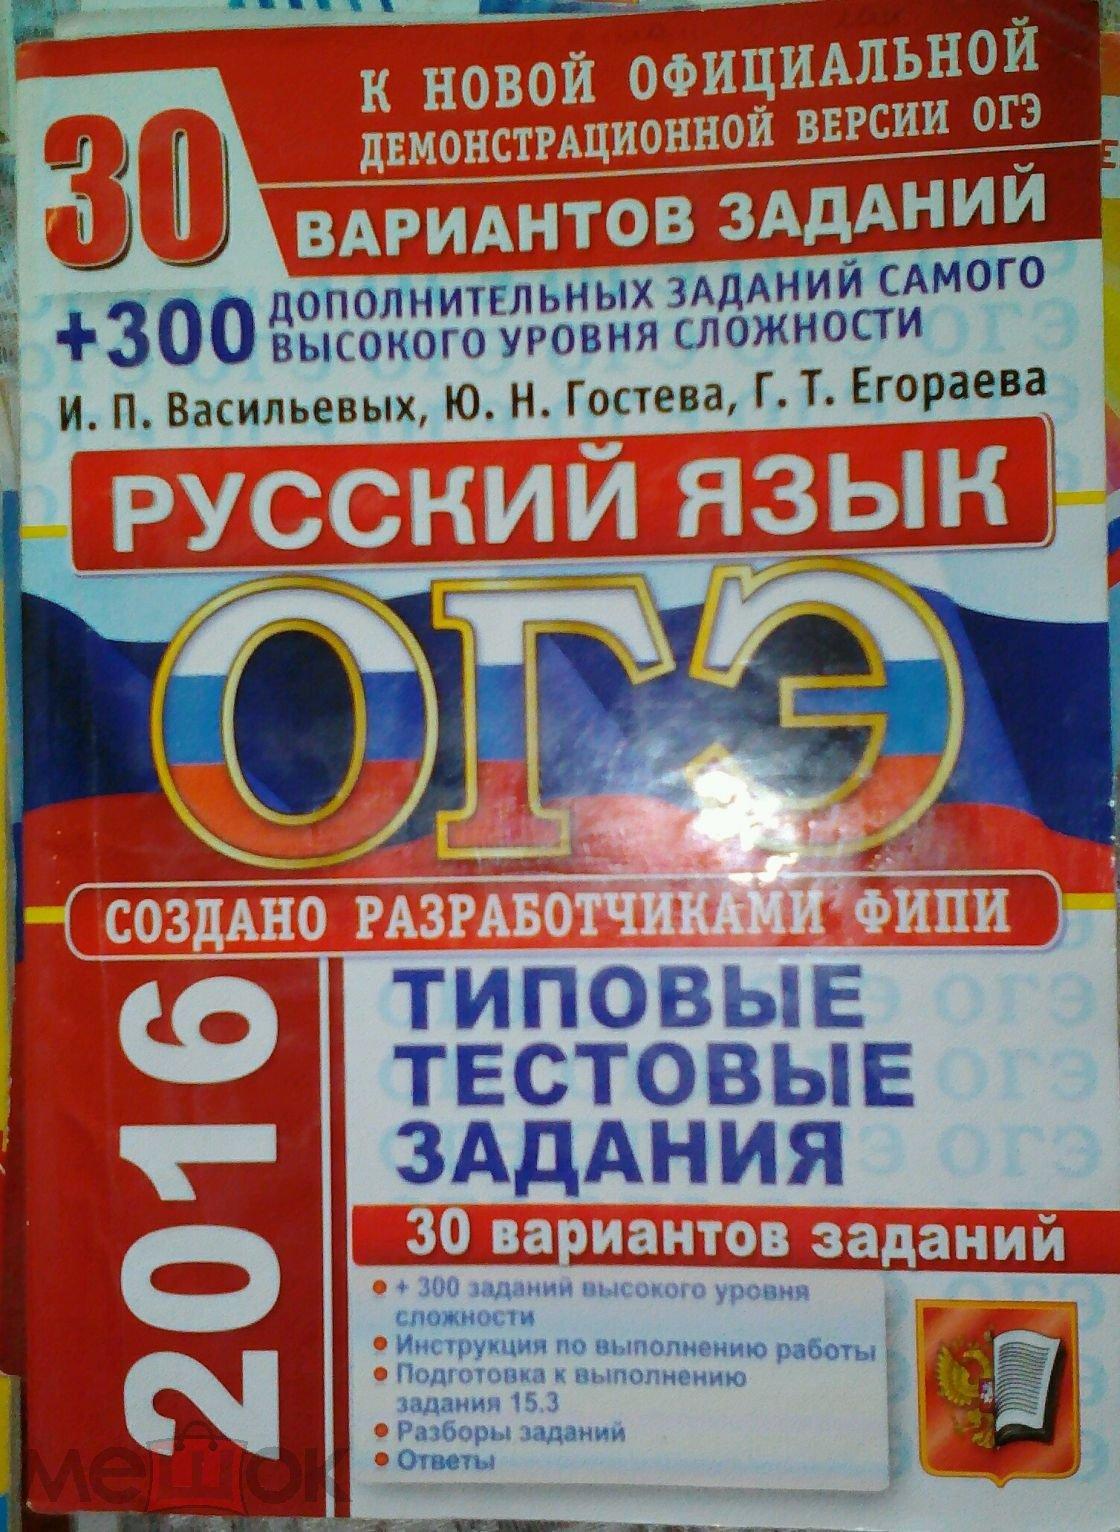 решебник по русскому на гиа